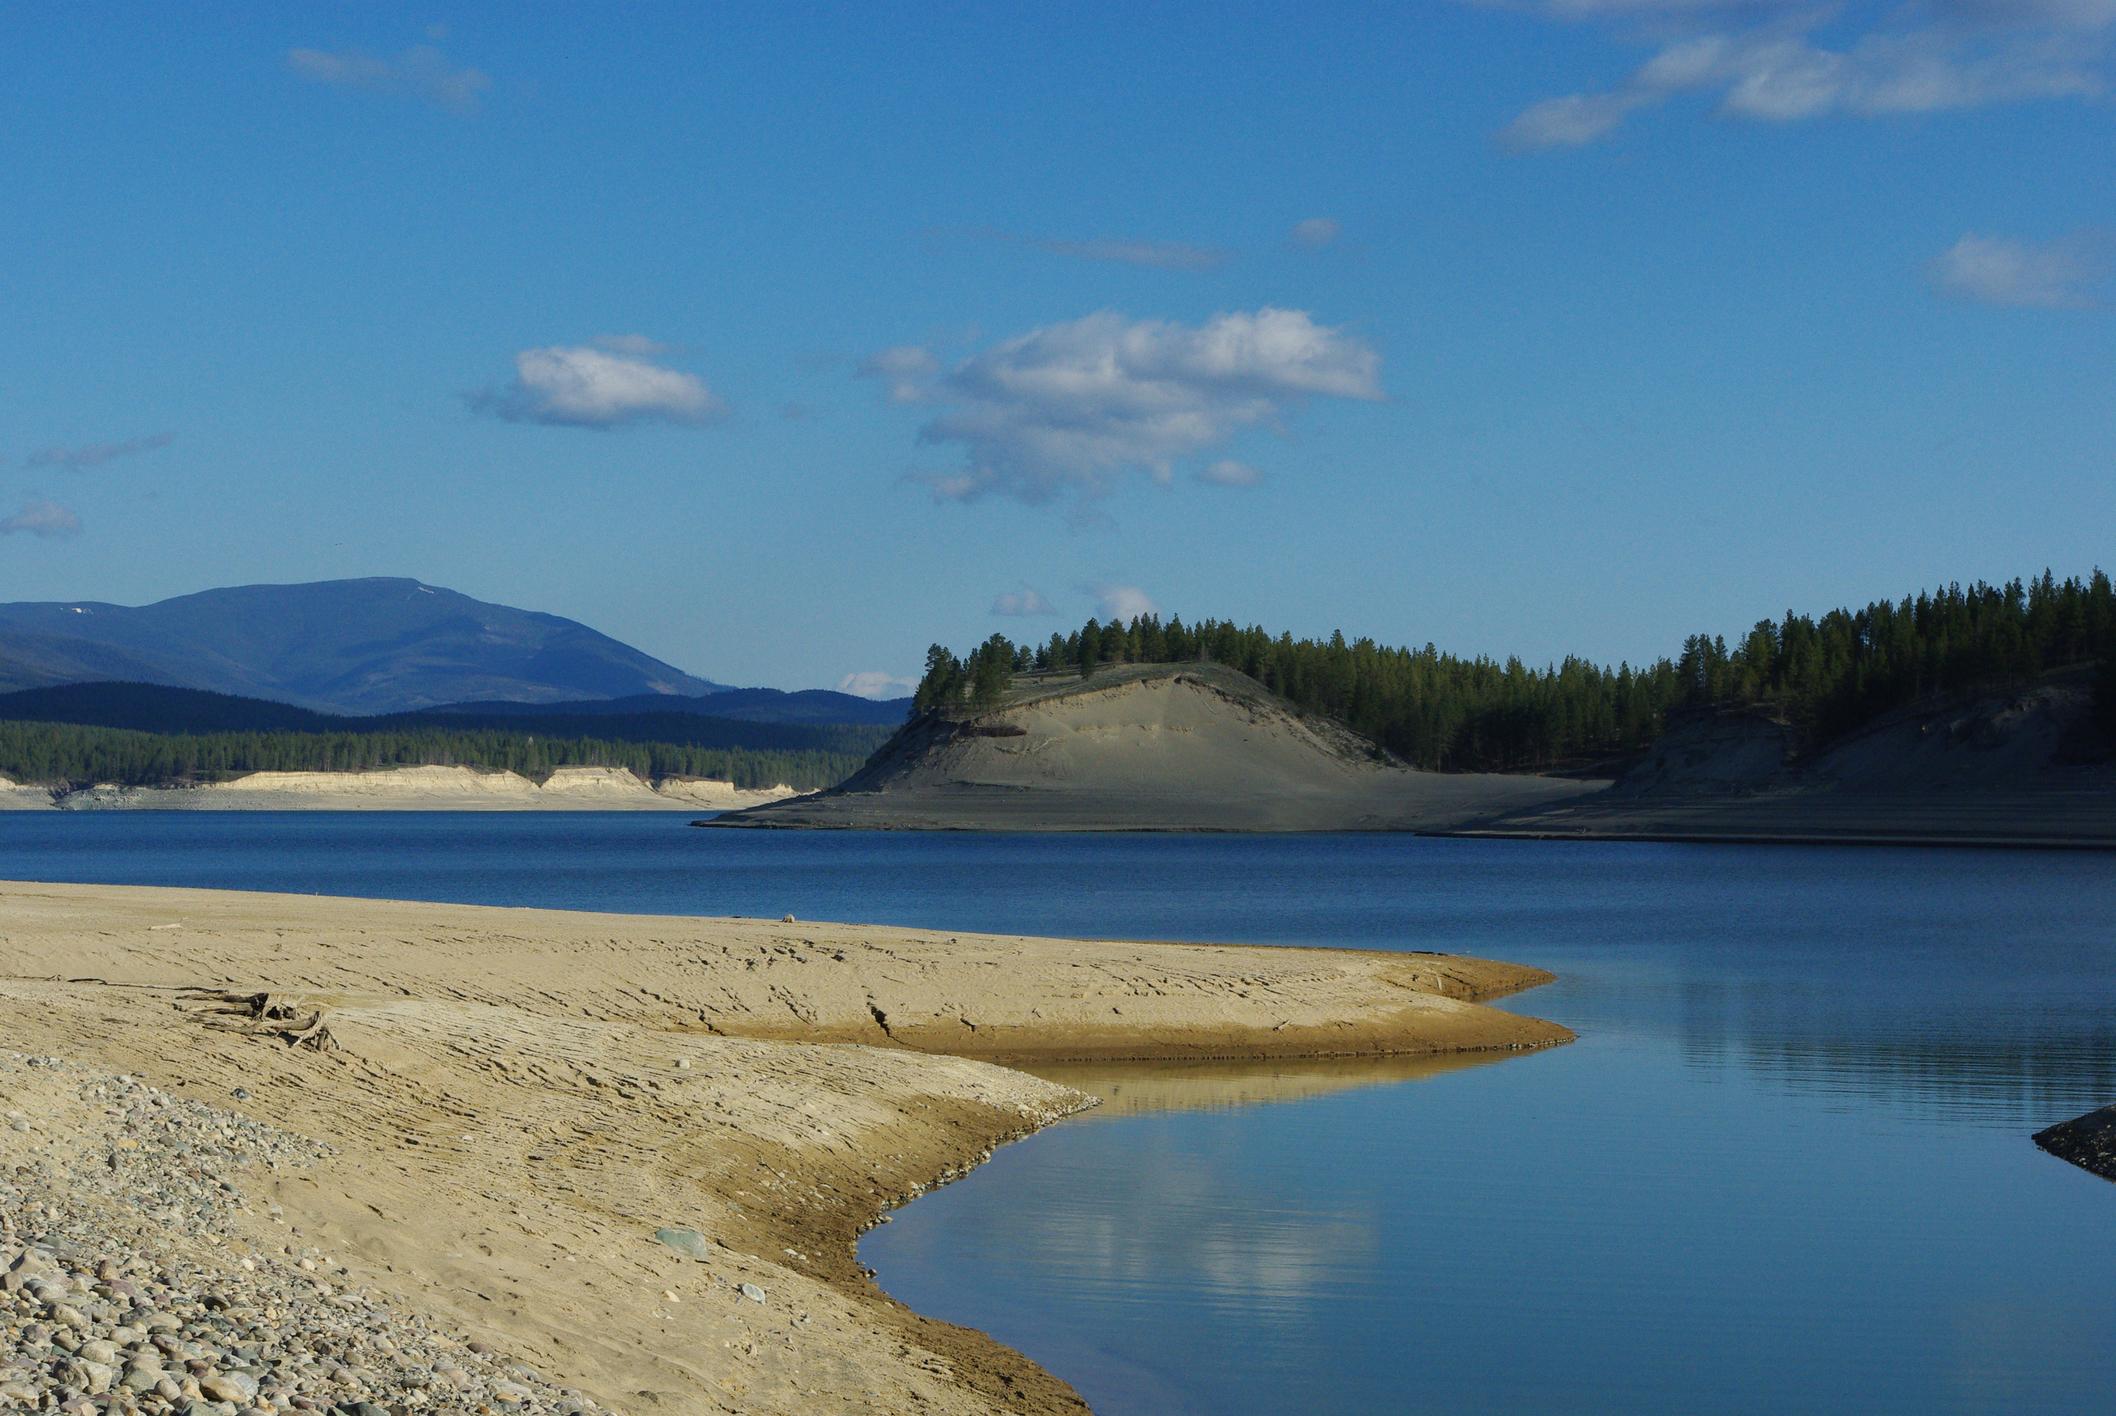 Lake Koocanusa Shoreline Mapping